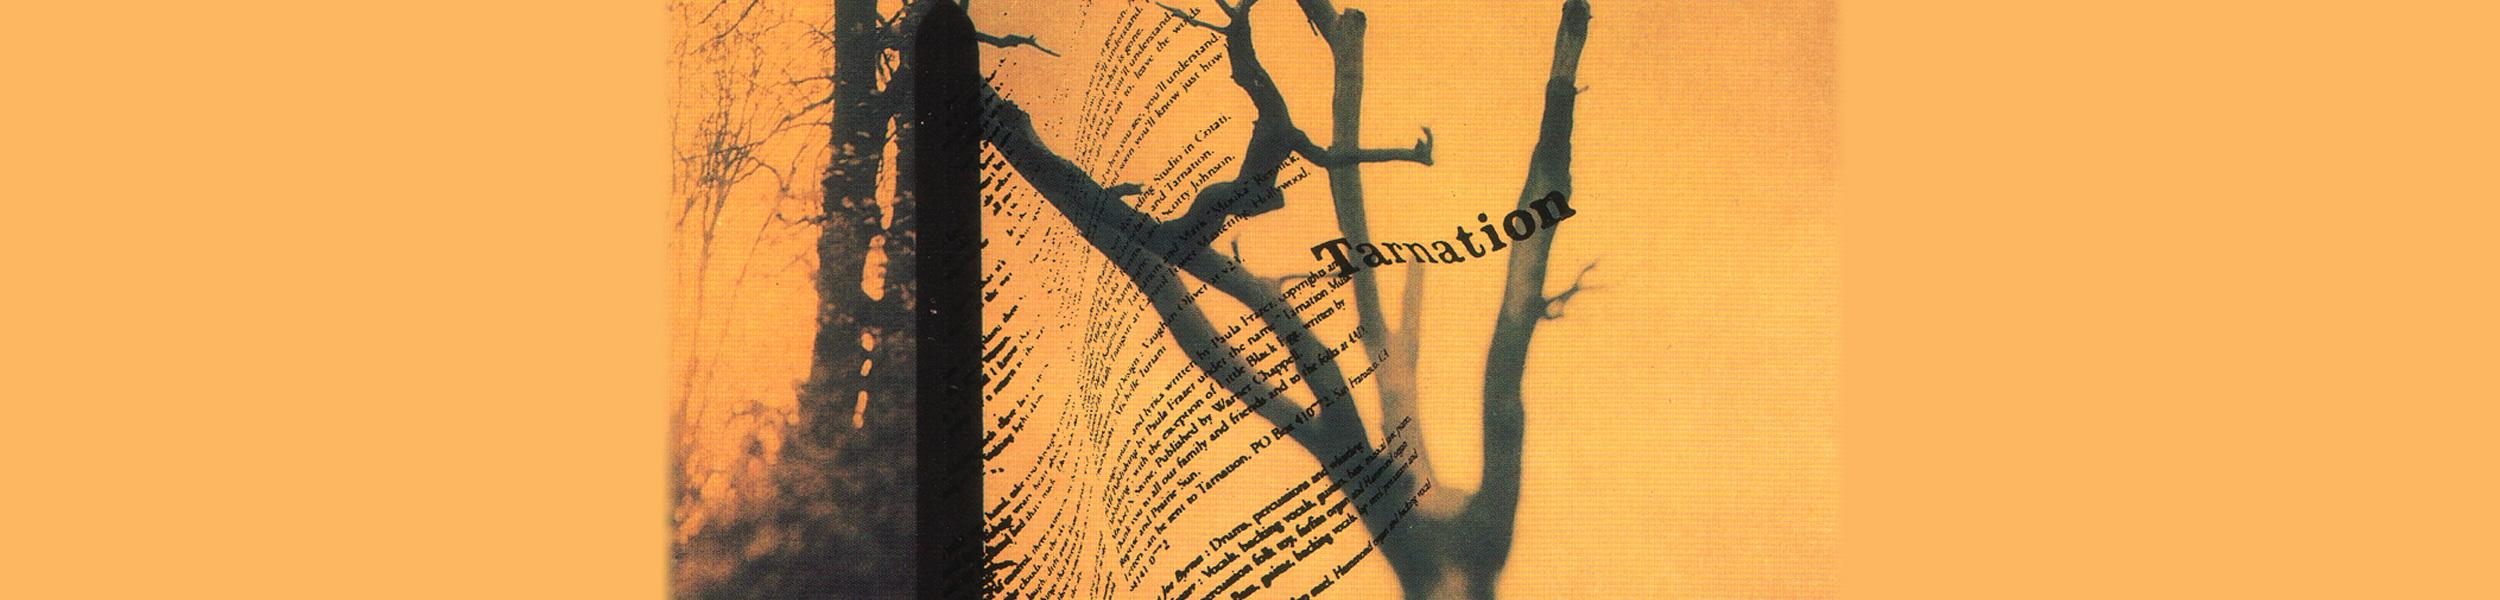 Tarnation - title